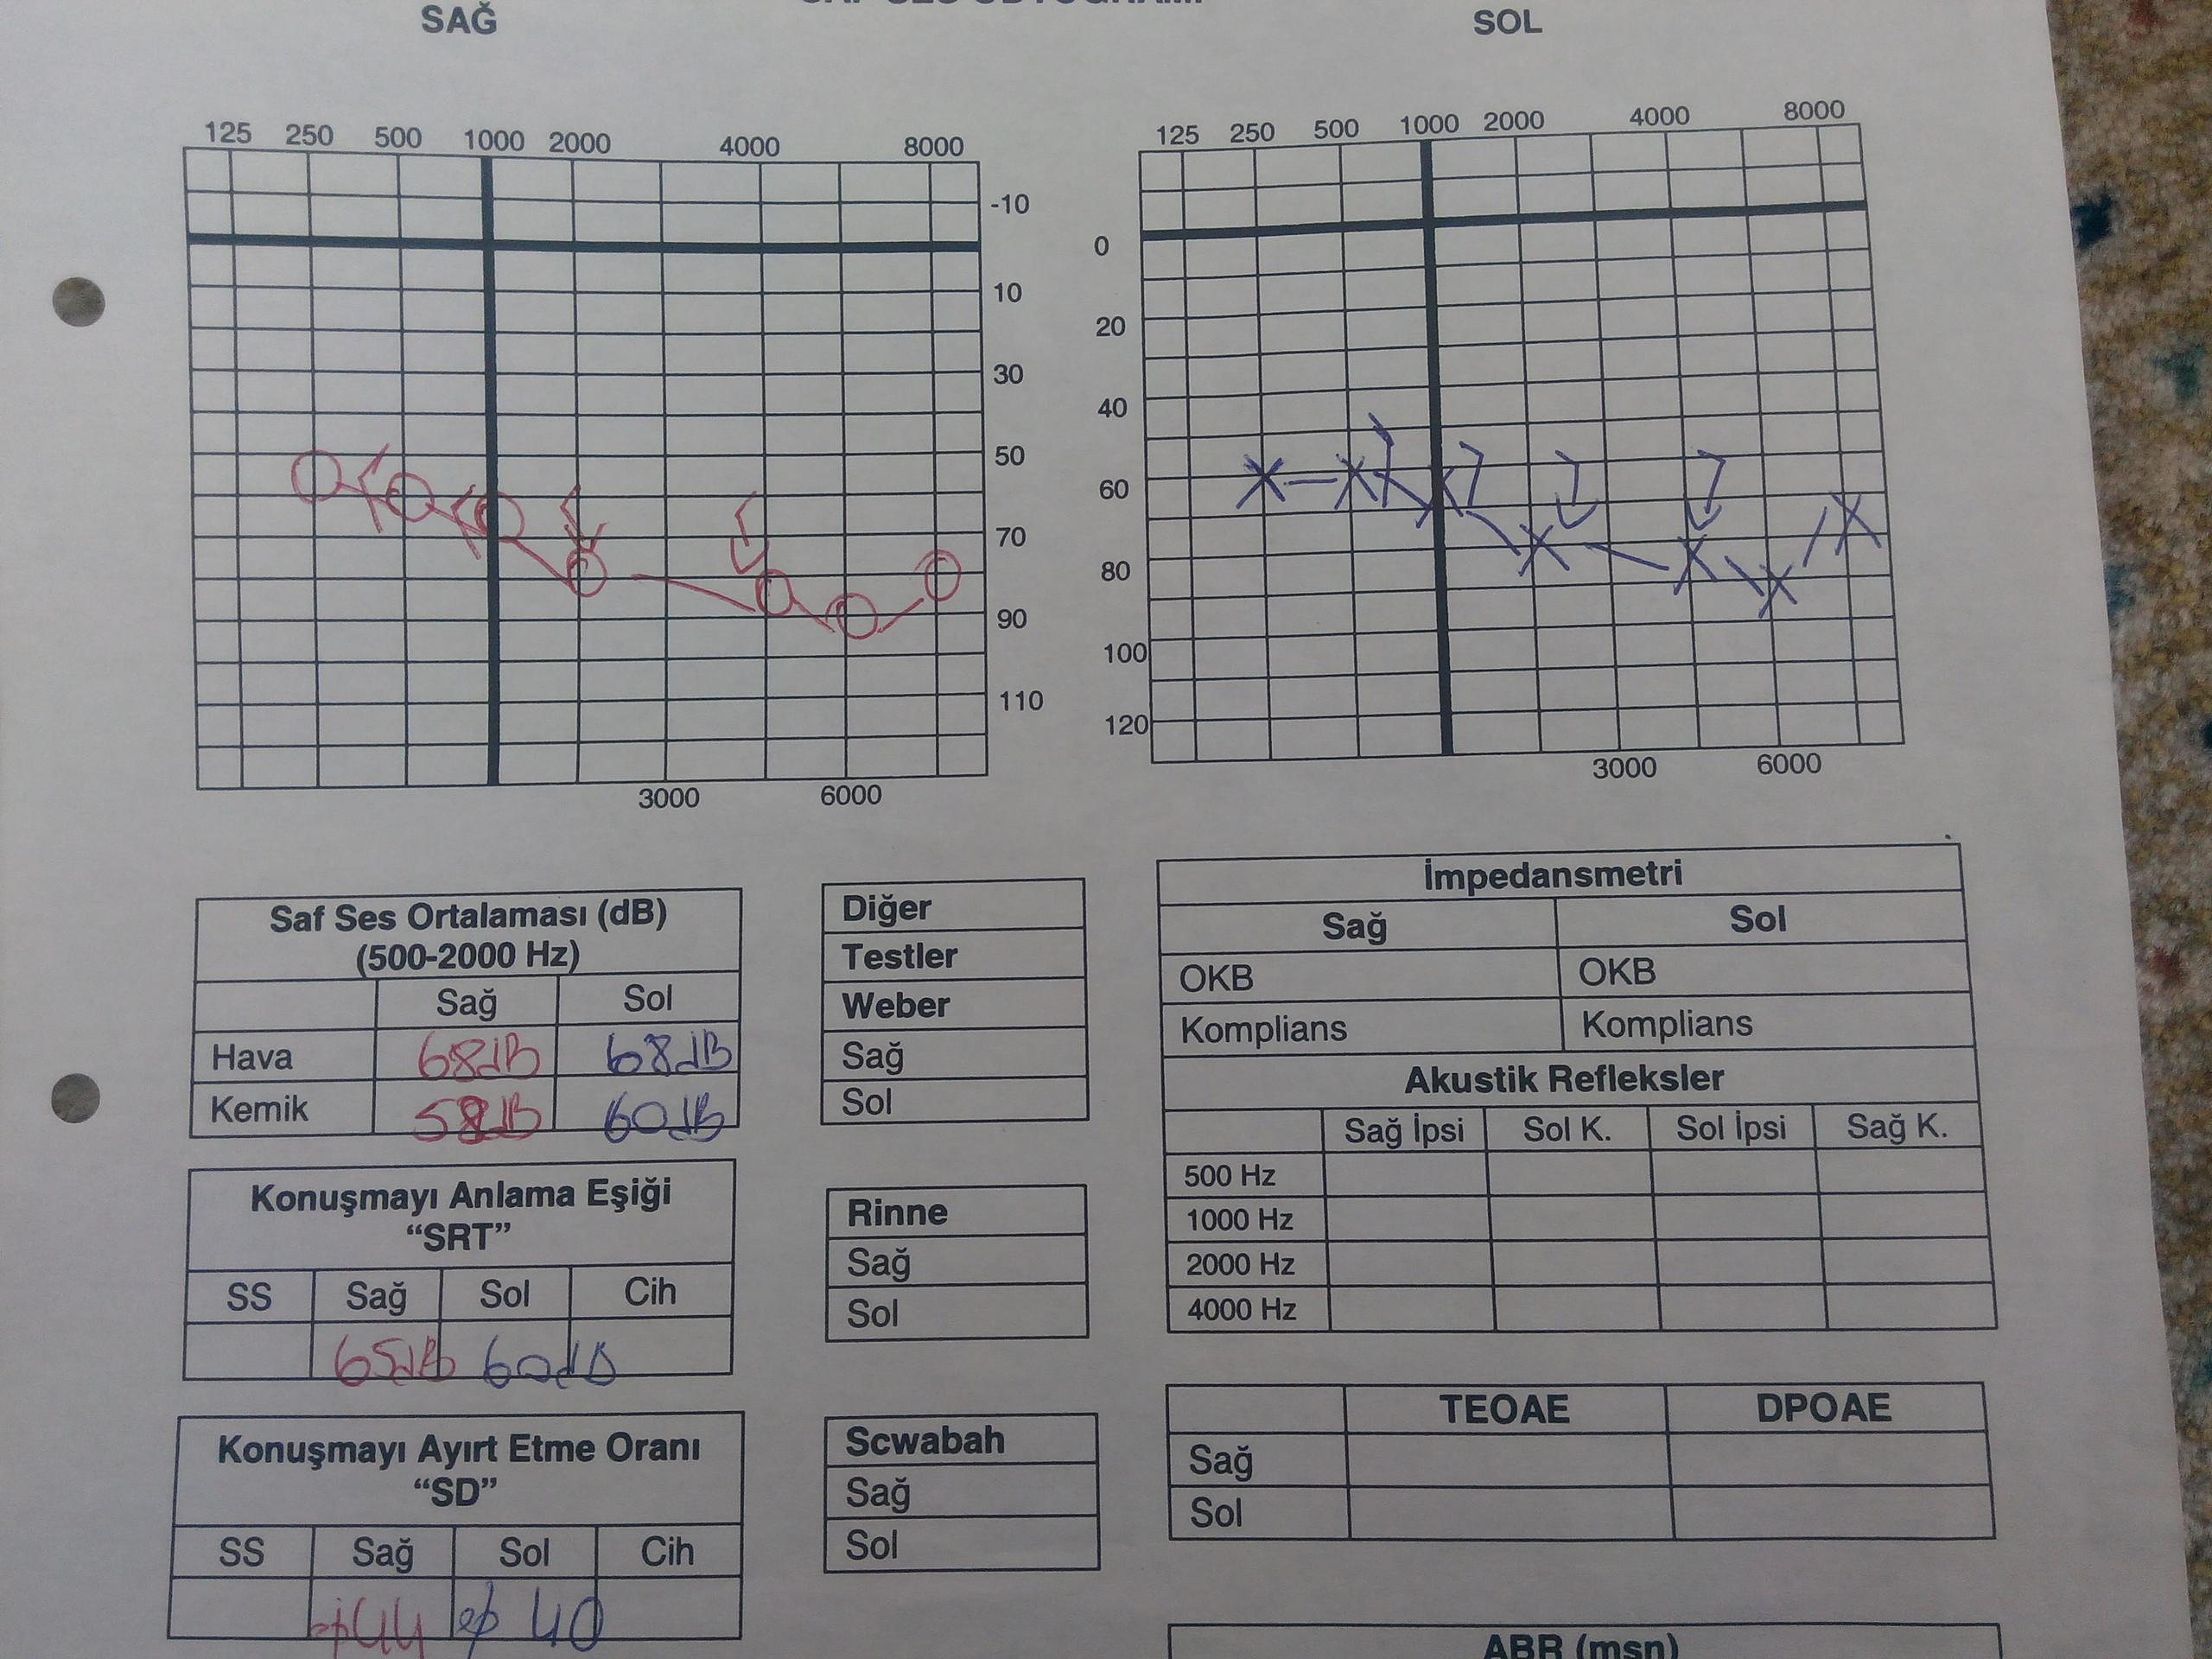 D29Rgv - İşitme testinden özür oranı hesaplanması